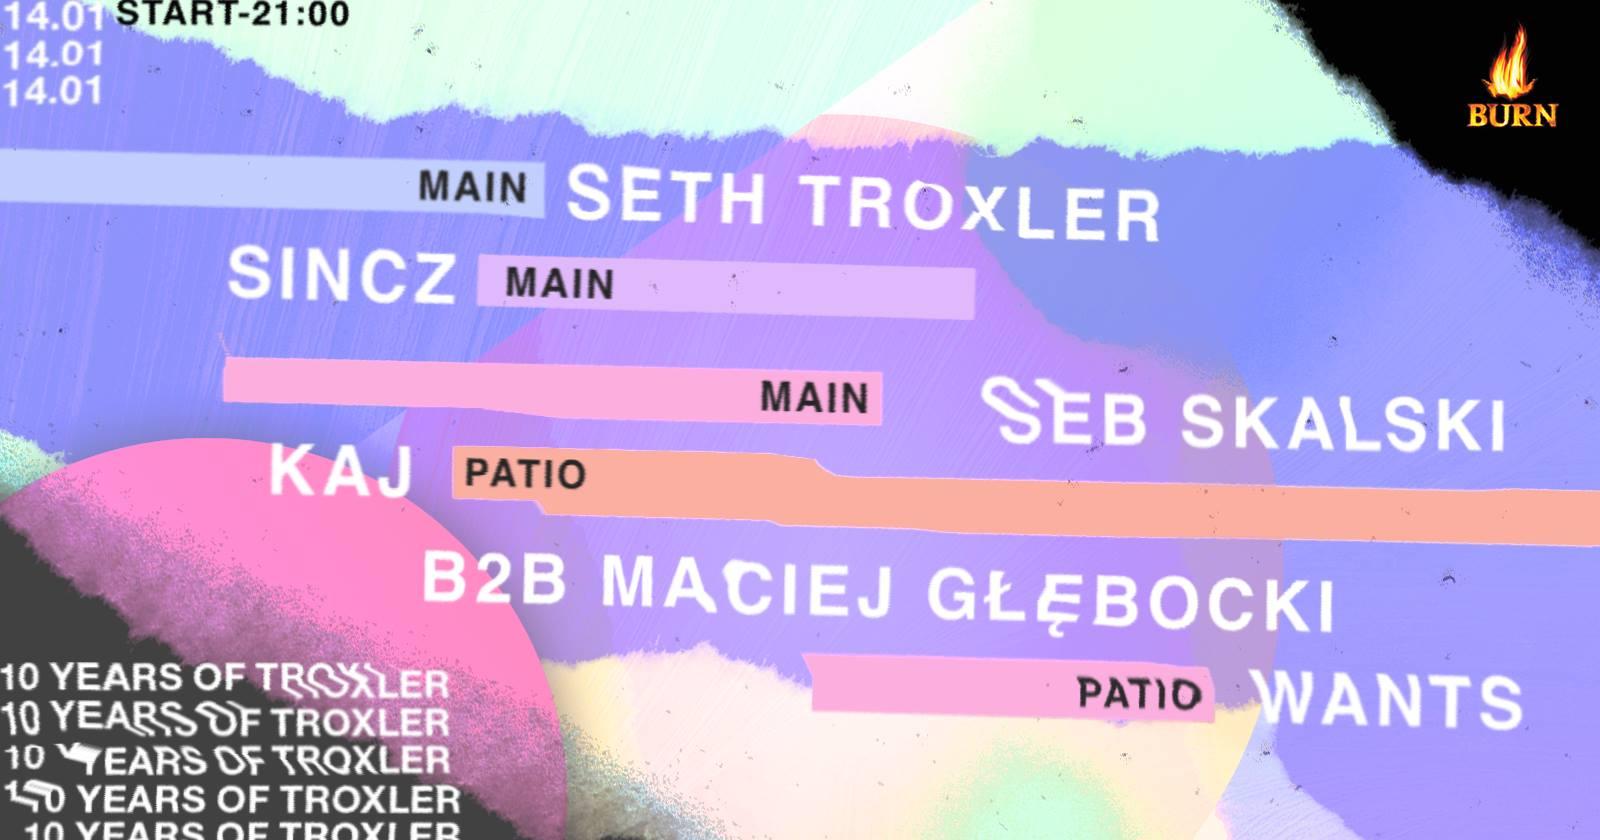 Plakat promujący występ Seth Troxlera